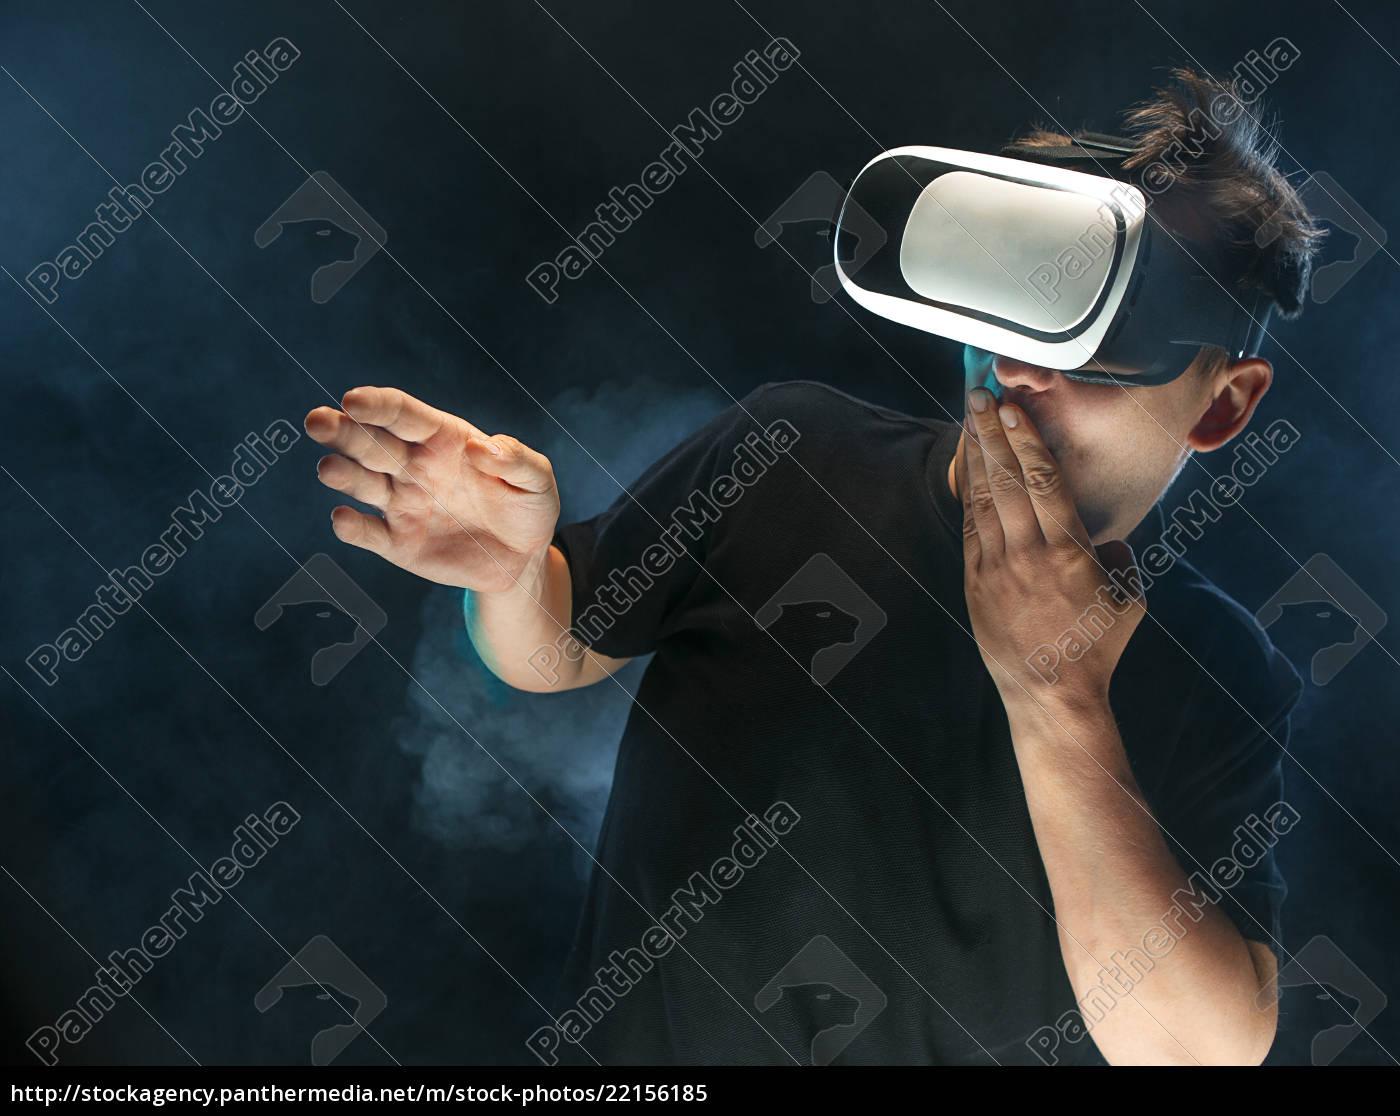 manden, med, briller, af, virtual, reality. - 22156185